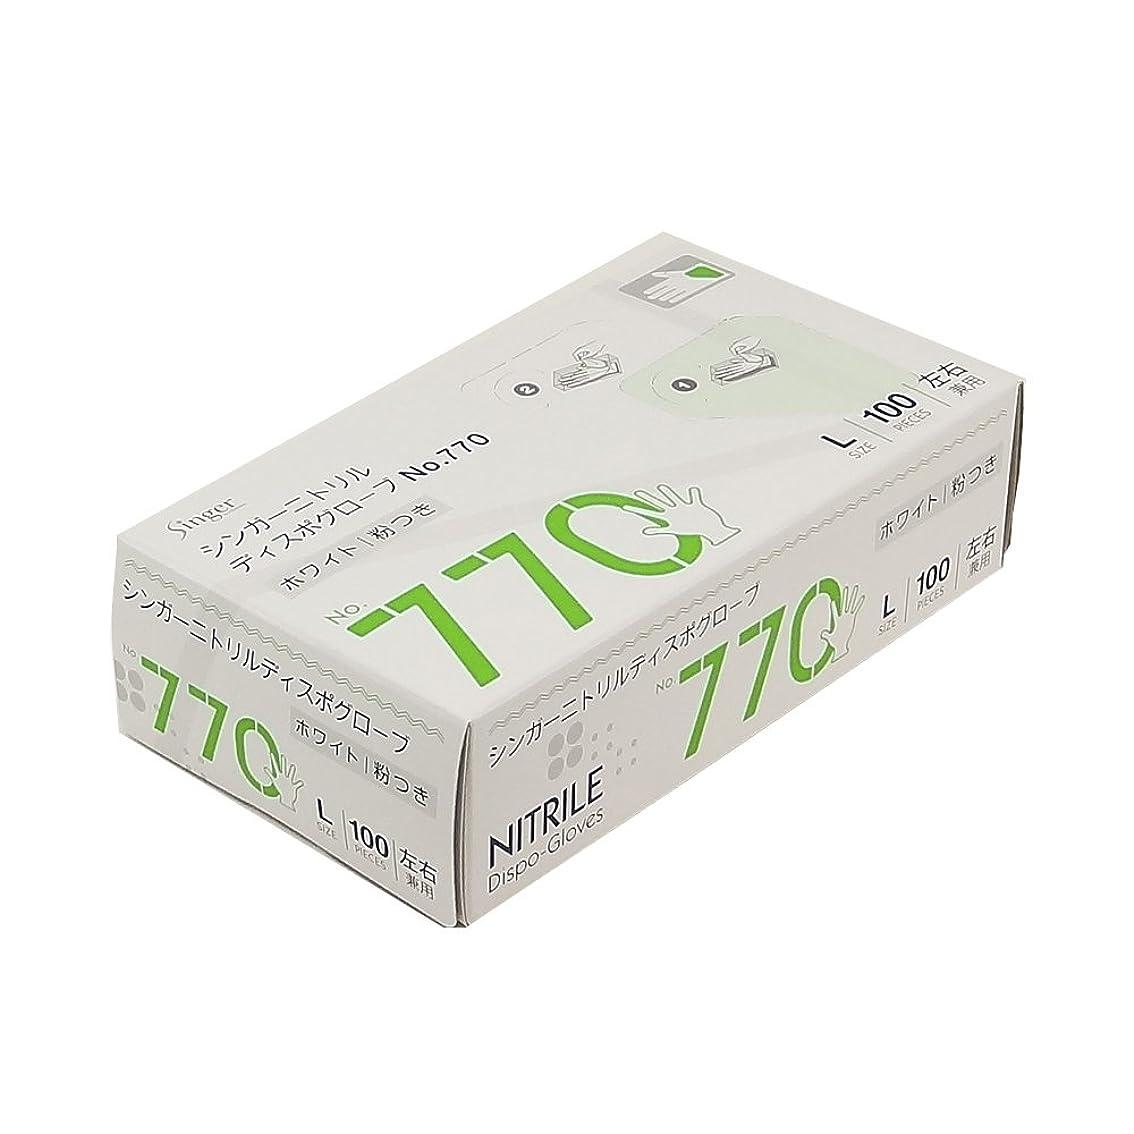 不運メーター一時的宇都宮製作 ディスポ手袋 シンガーニトリルディスポグローブ No.770 ホワイト 粉付 100枚入  L